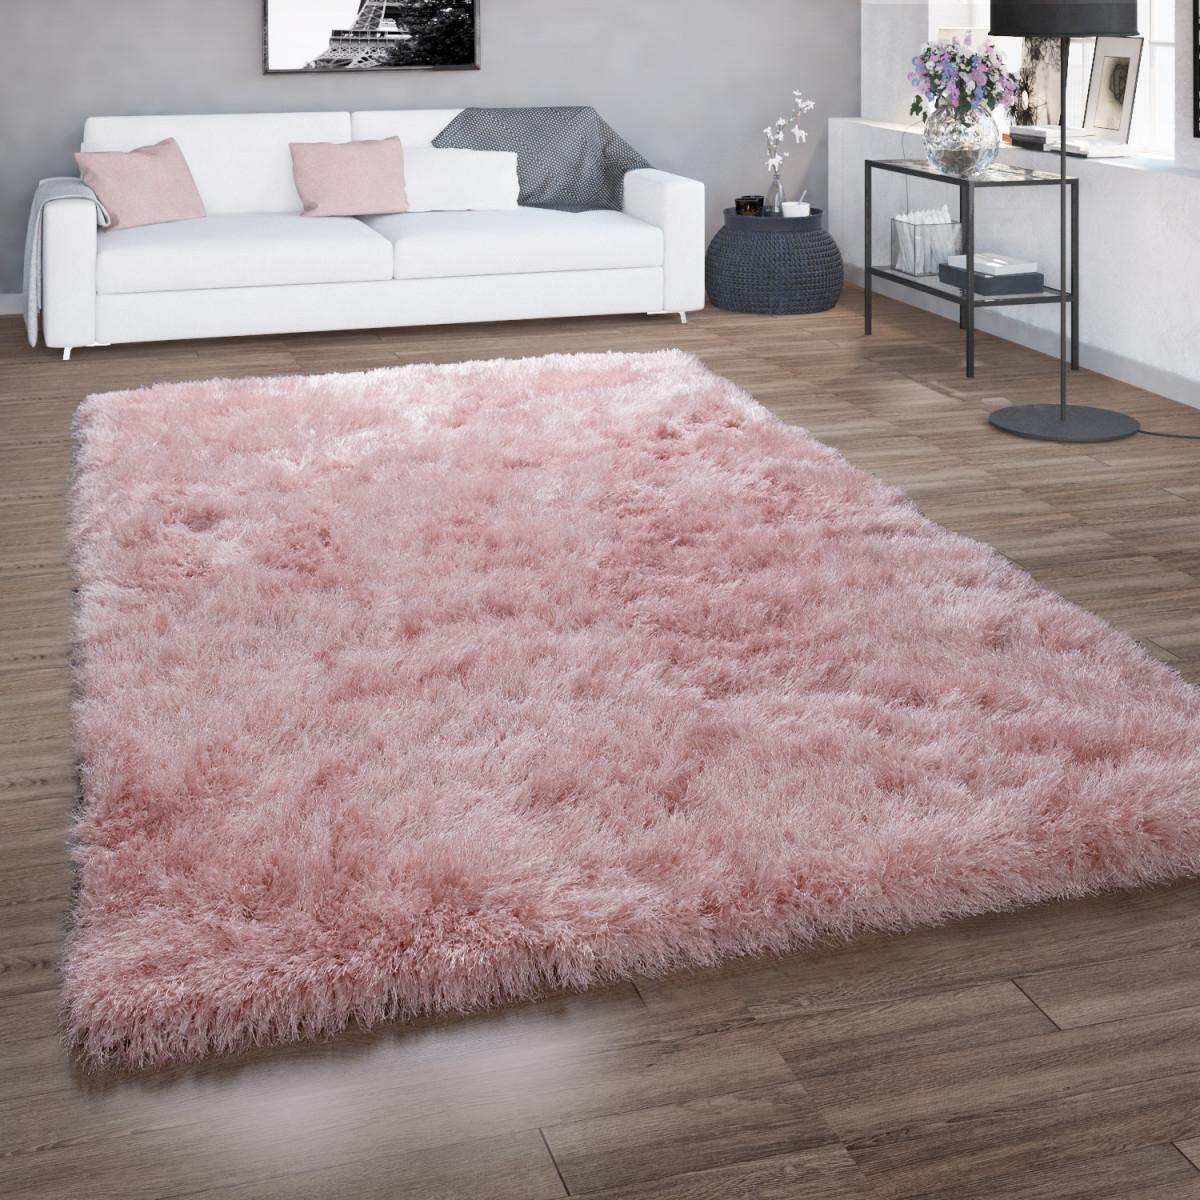 Details Zu Hochflorteppich Für Wohnzimmer Shaggy Mit Glitzergarn  Einfarbig In Rosa von Teppich Wohnzimmer Rosa Bild